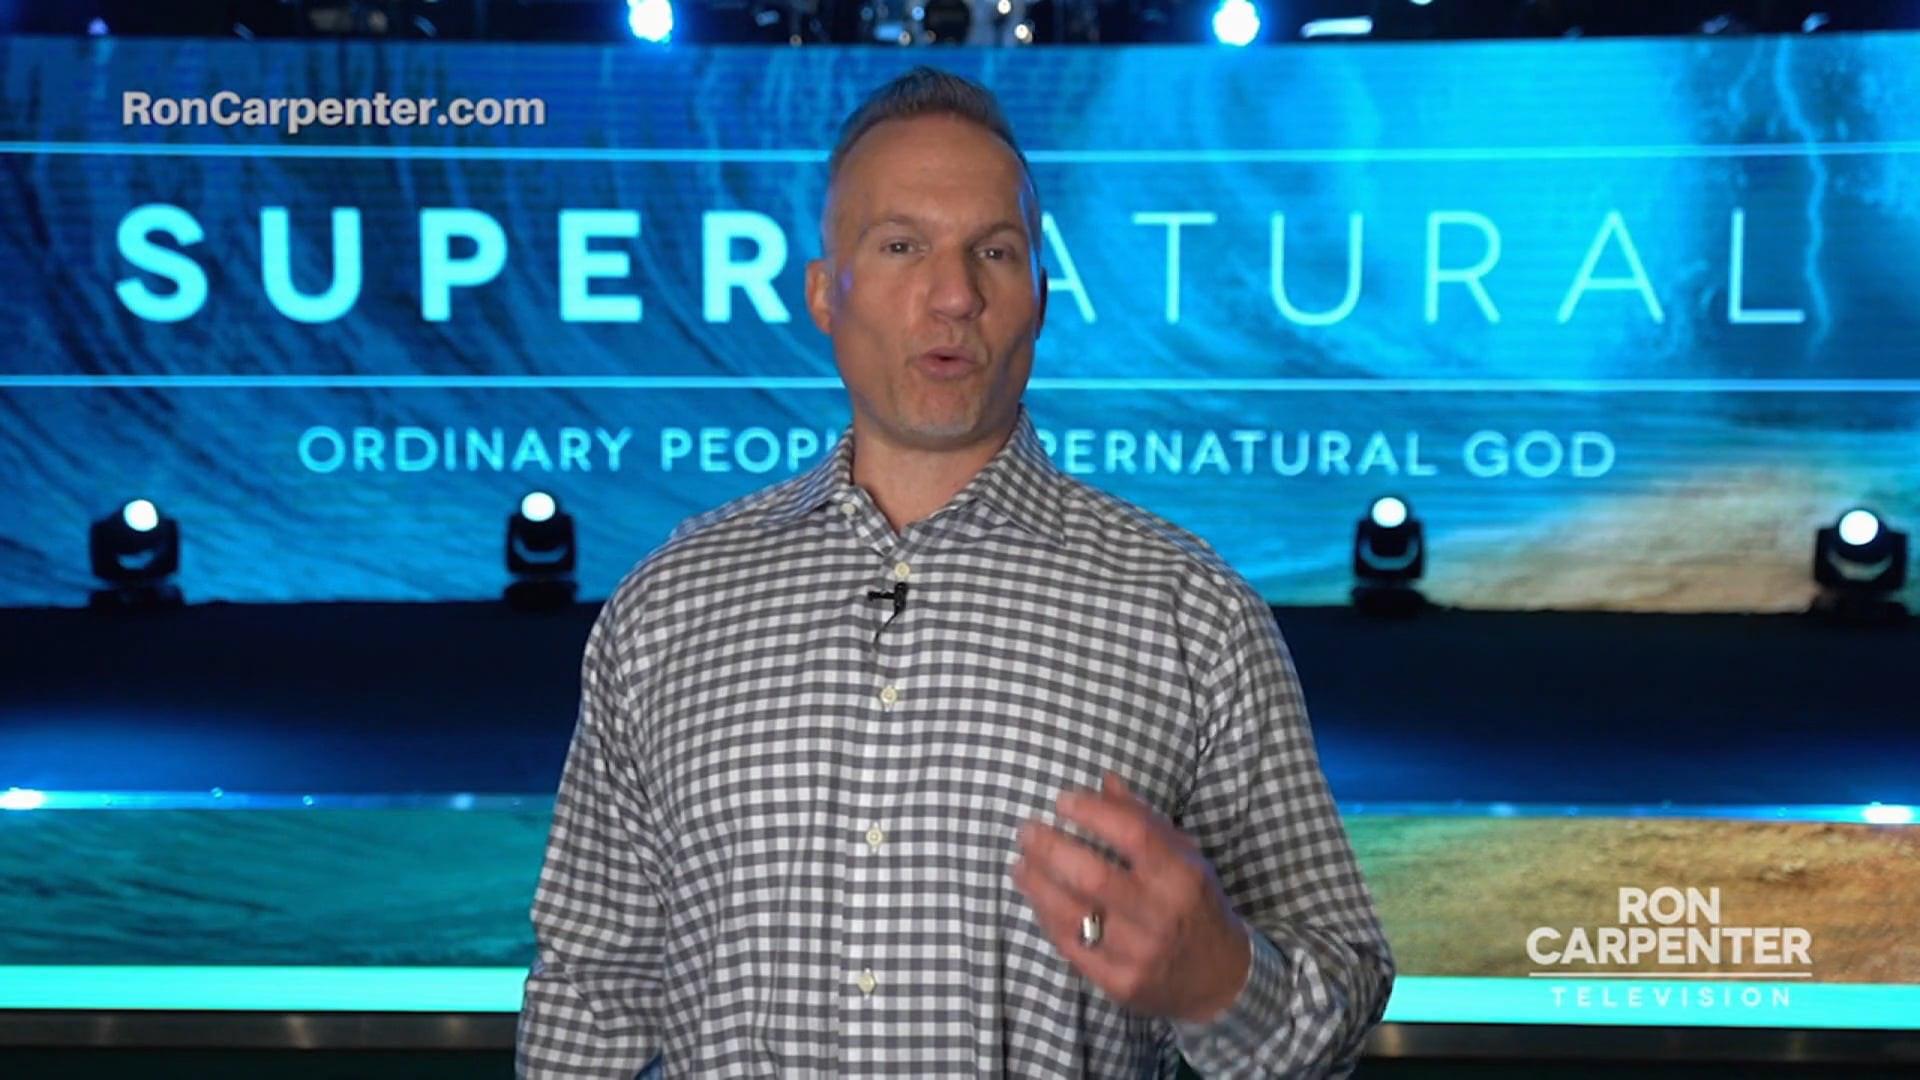 Watch Supernatural Part 2